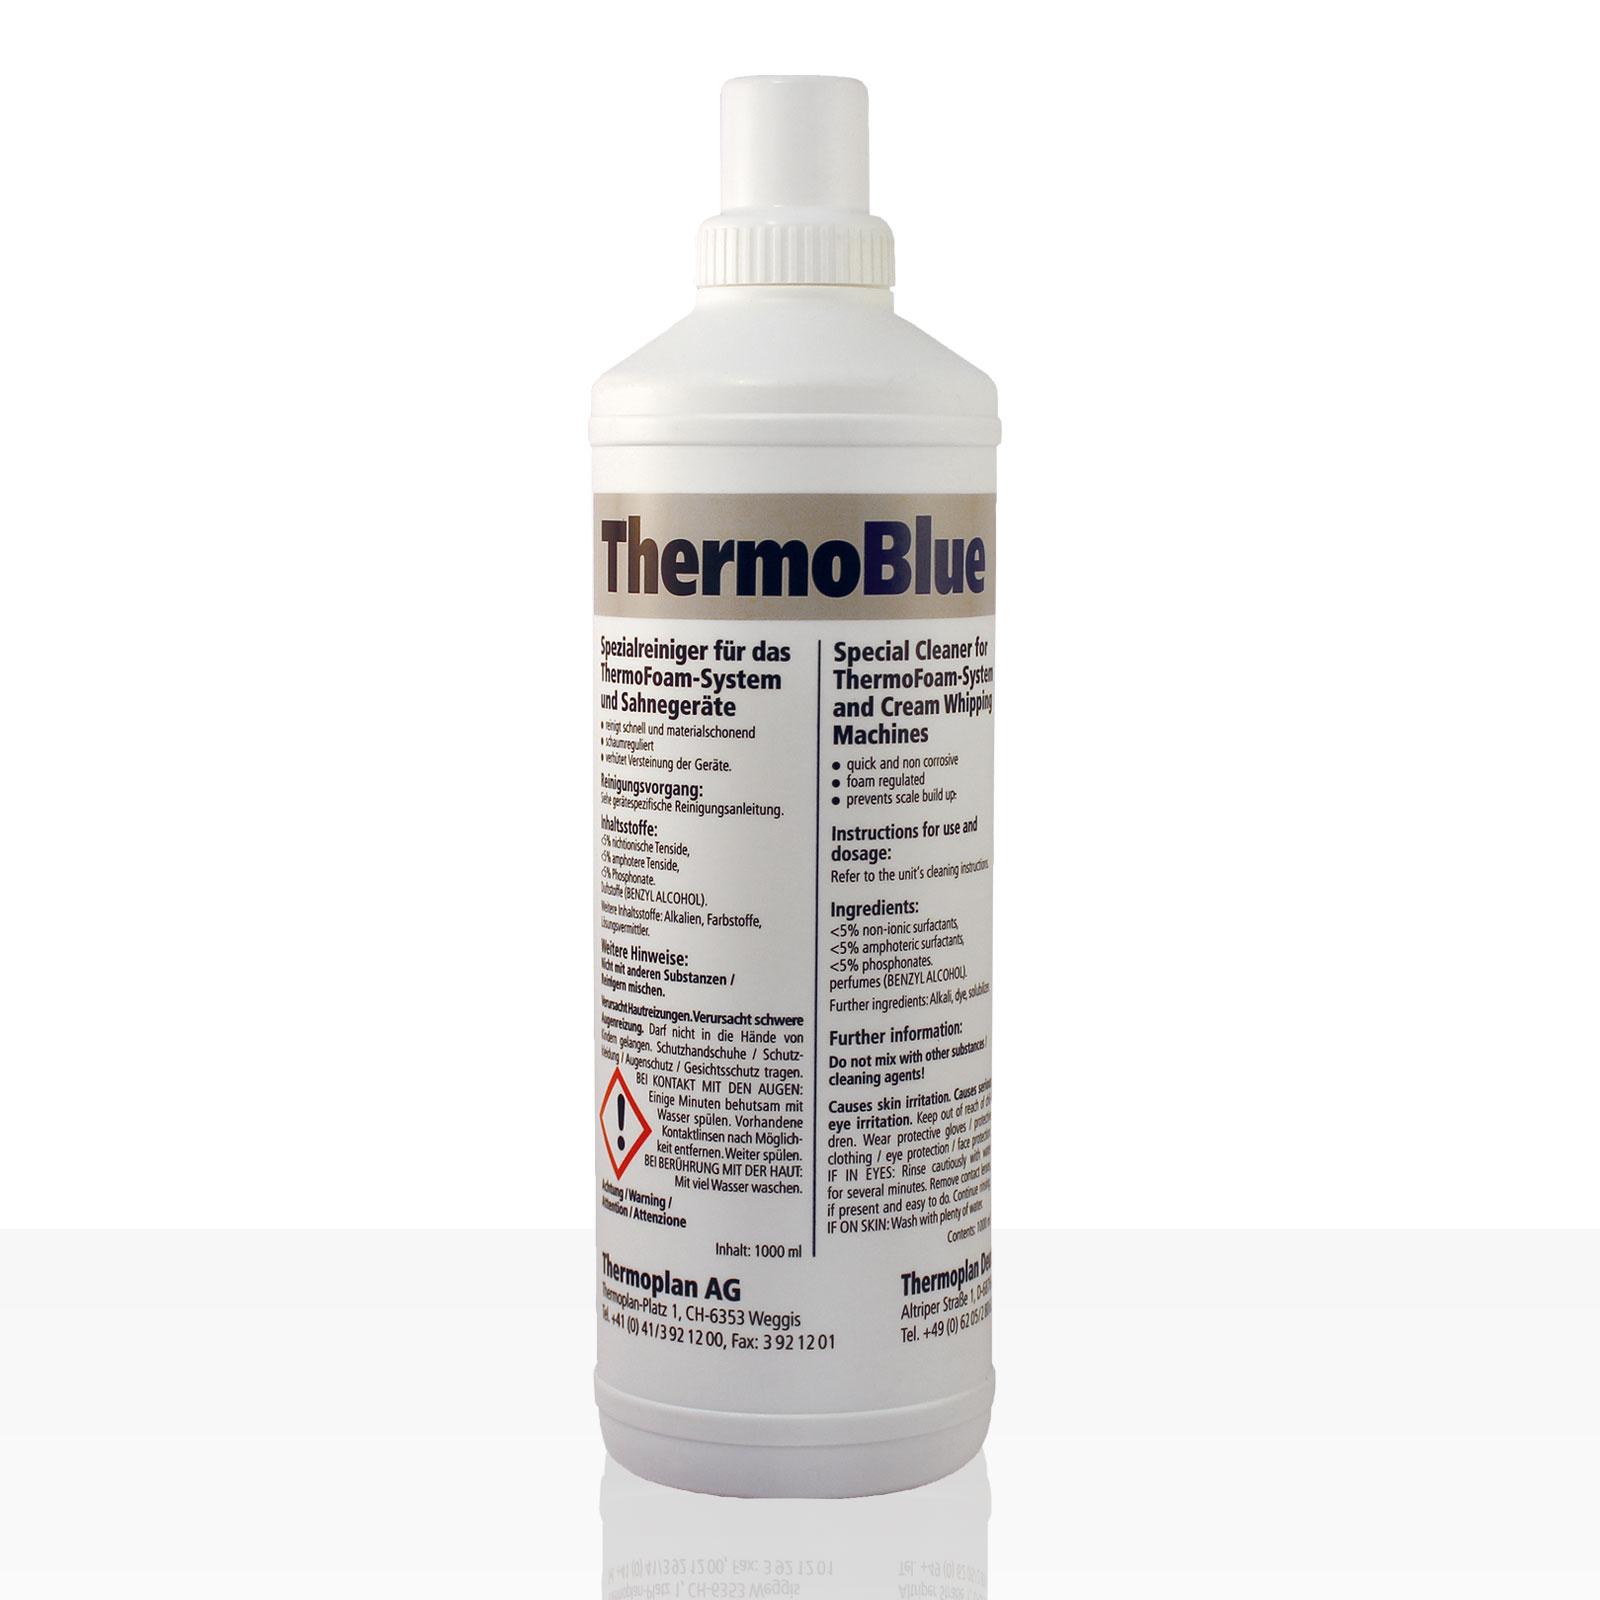 ThermoBlue Spezialreiniger für ThermoFoam-Systeme 1000ml